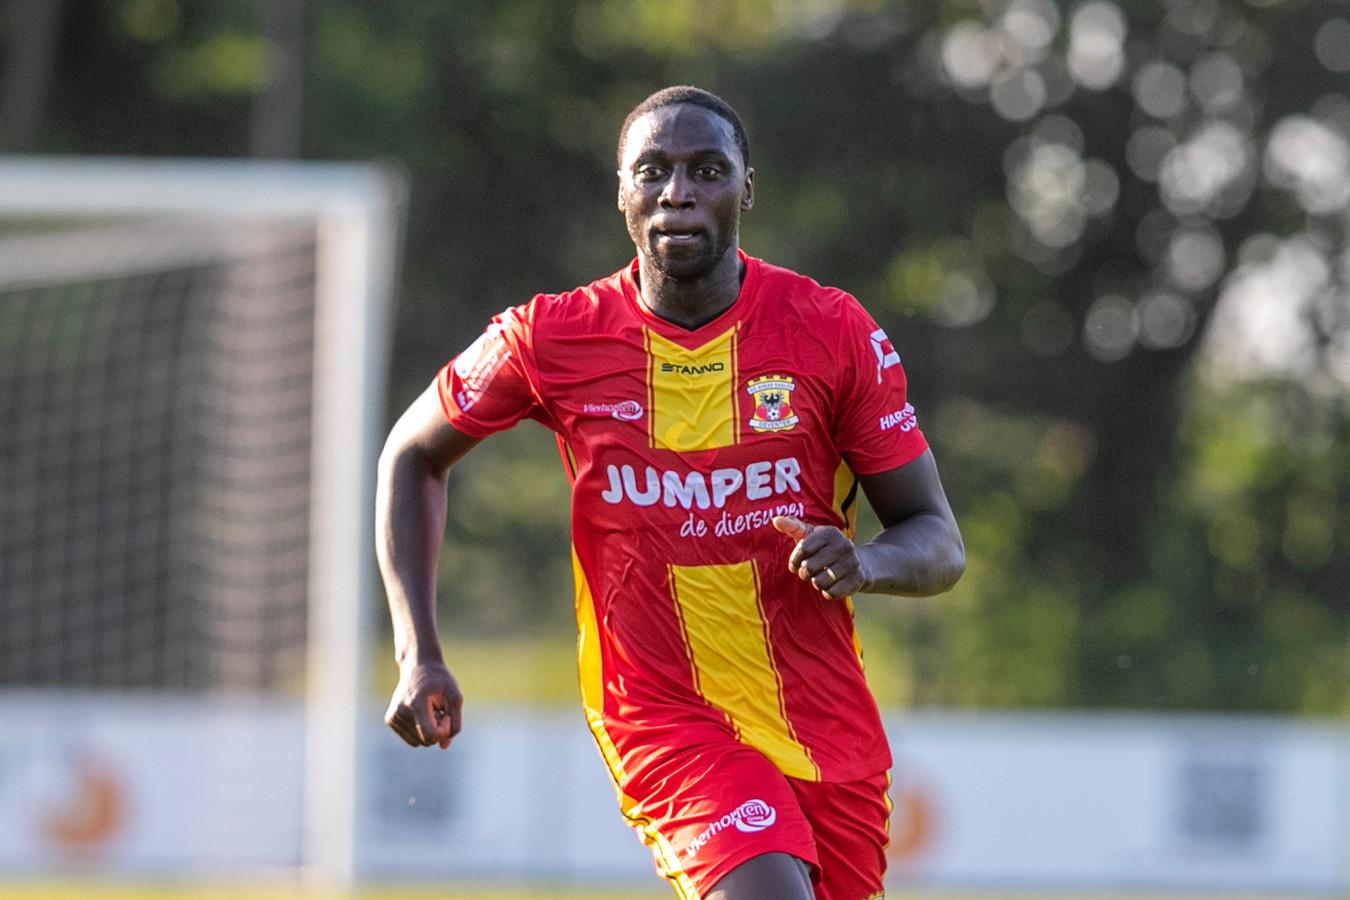 Jacob Mulenga geeft nog altijd alles als hij op het veld staat. Tegen Vitesse was de spits van GA Eagles dicht bij een doelpunt.